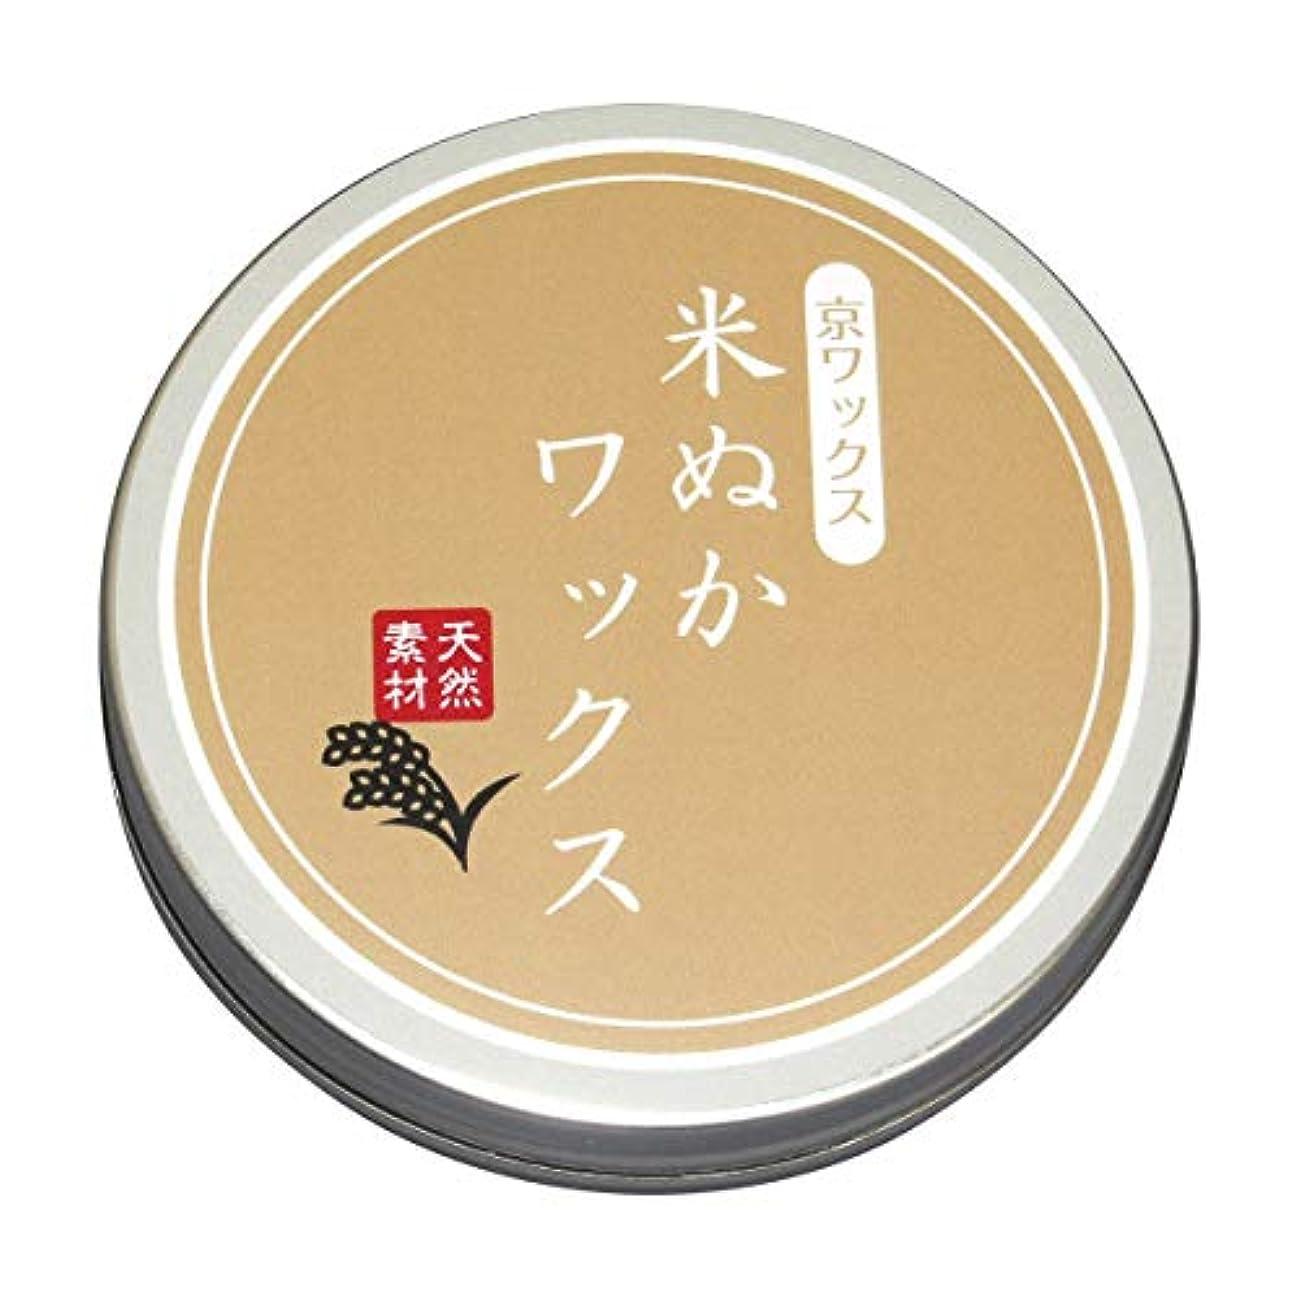 アクティブ首作成者杉材用ワックス 手作り 米ぬかワックス 50g 針葉樹の無垢材対応